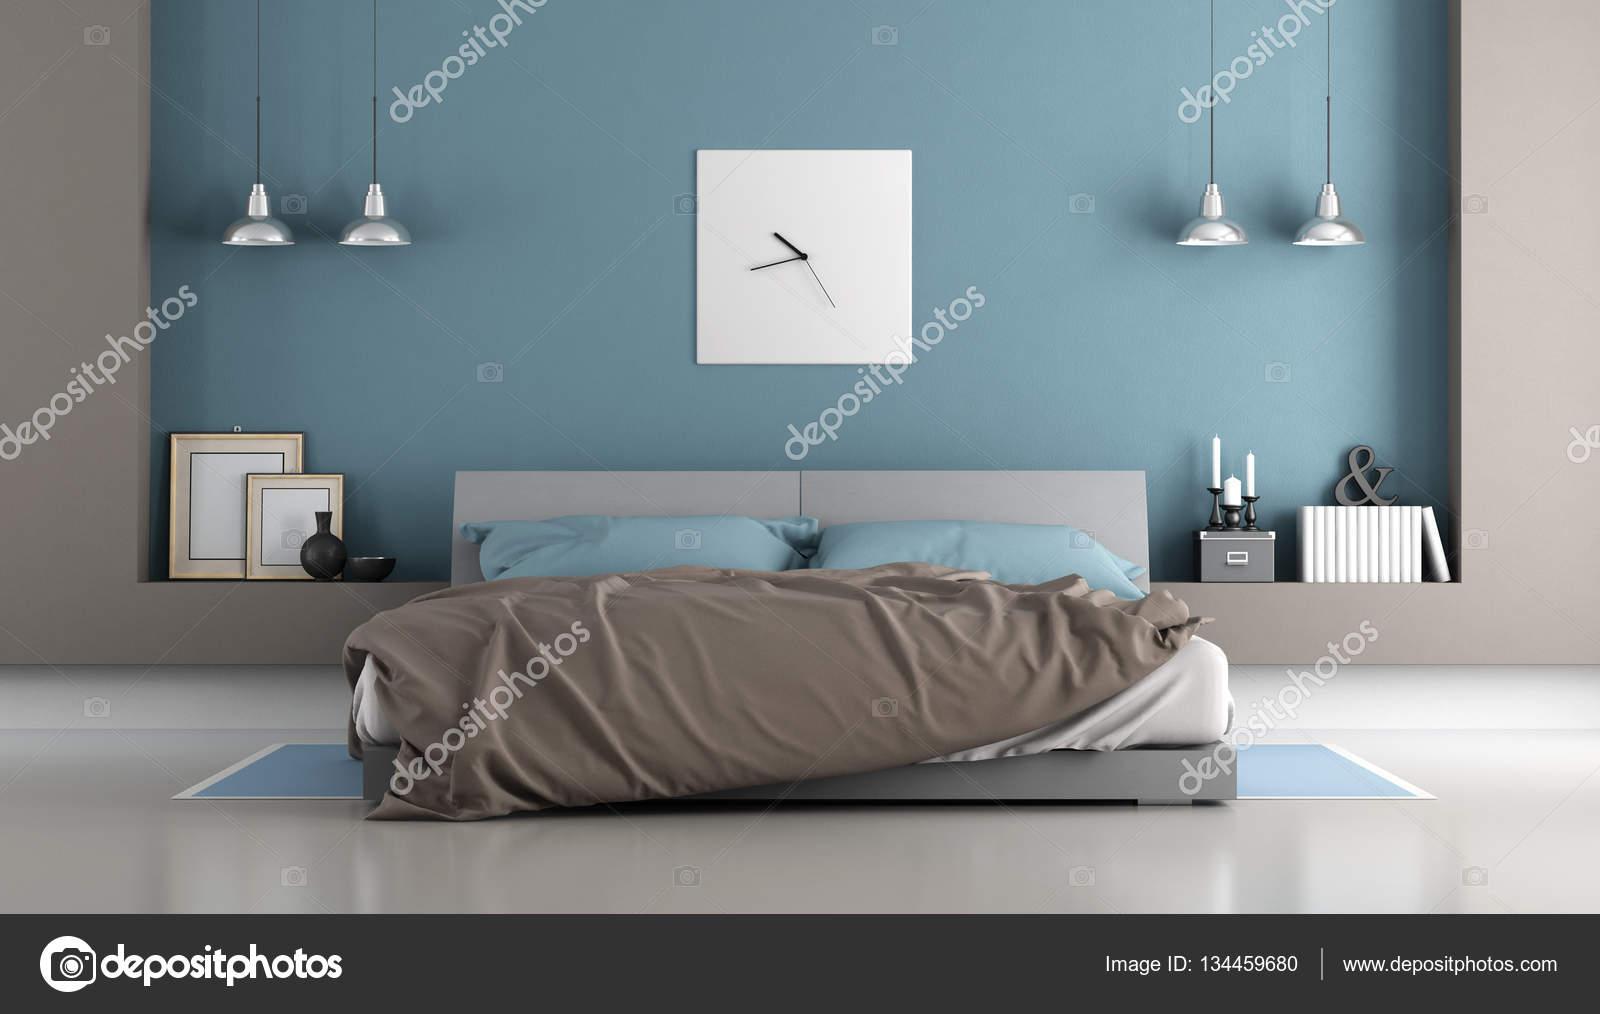 Chambre coucher moderne bleu et marron photo 134459680 for Chambre bleu et marron